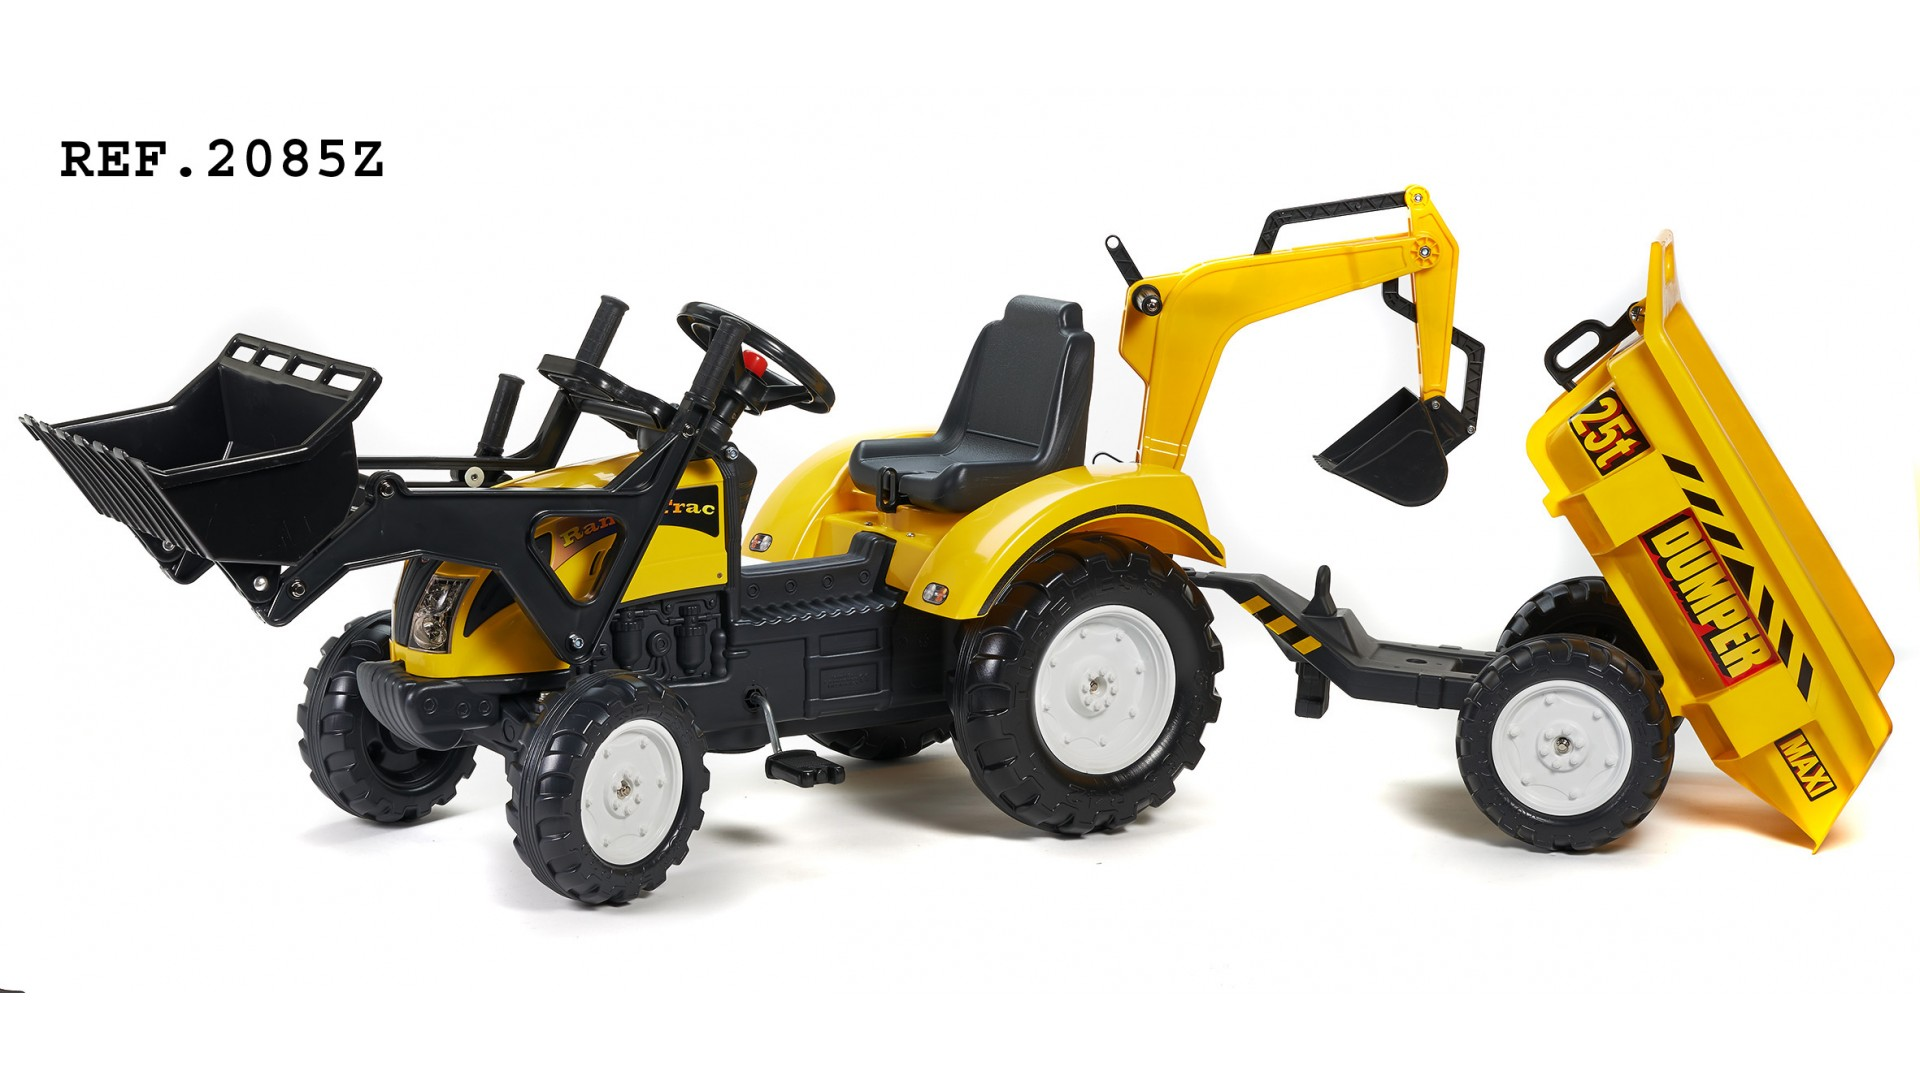 Трактор-экскаватор педальный с прицепом, желтый 219 см - Педальные машины и трактора, артикул: 168970